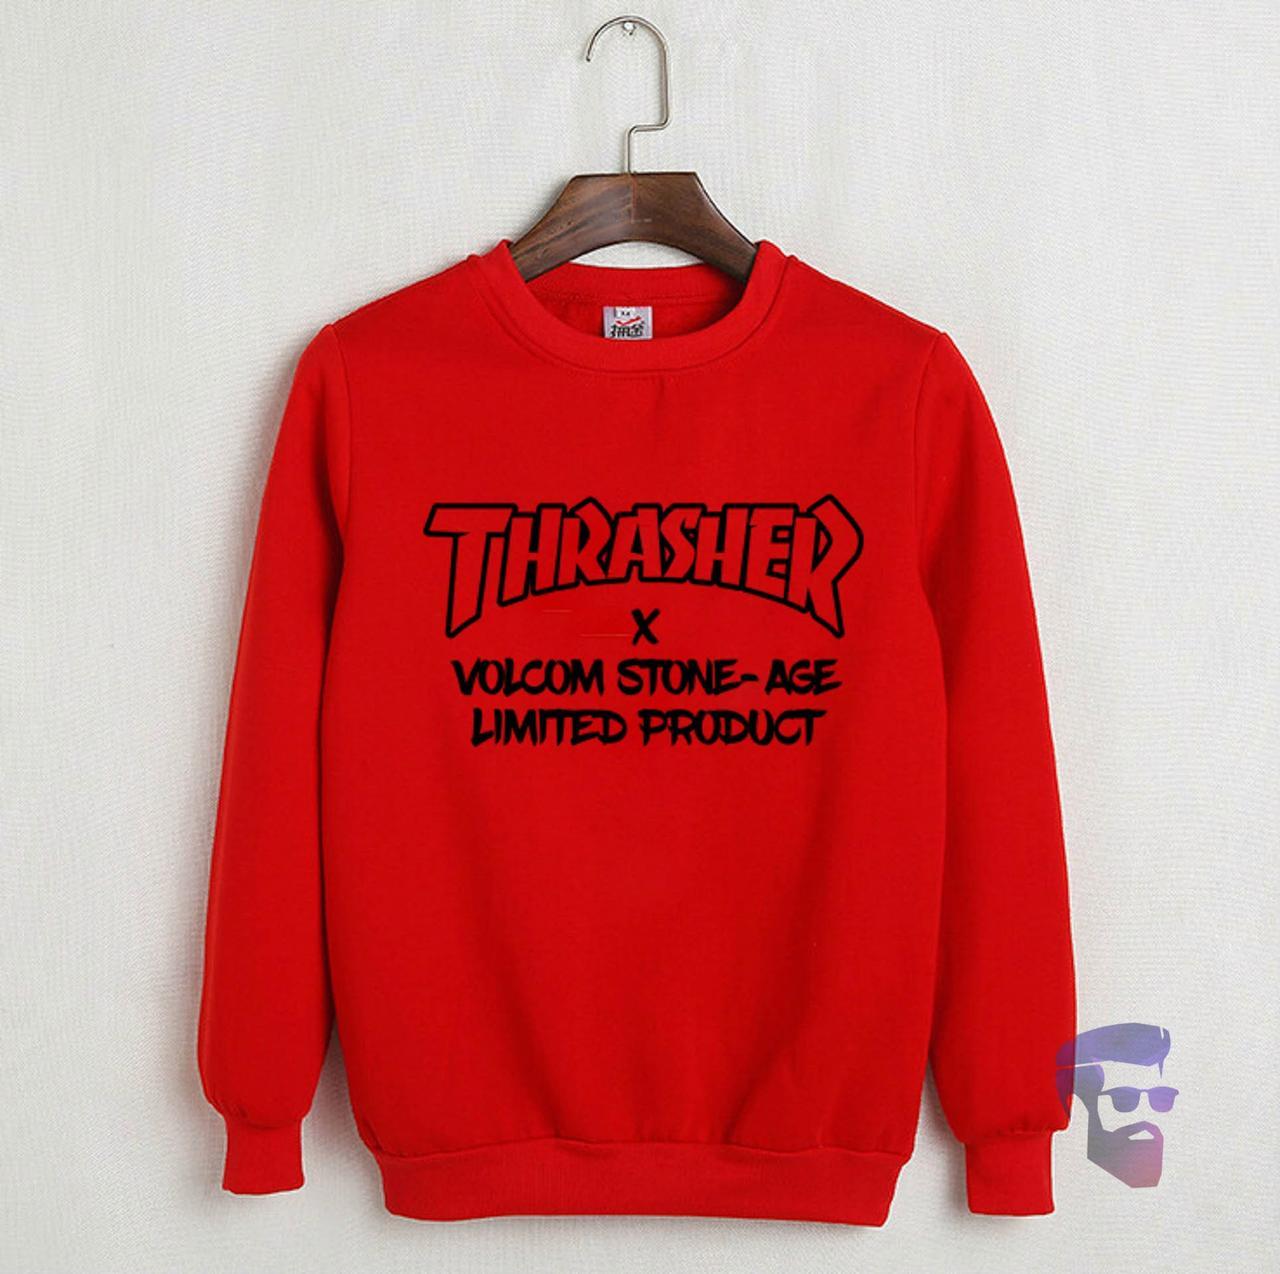 Мужская спортивная кофта Трешер (Thrasher), мужской трикотажный свитшот, (на флисе и без) копия